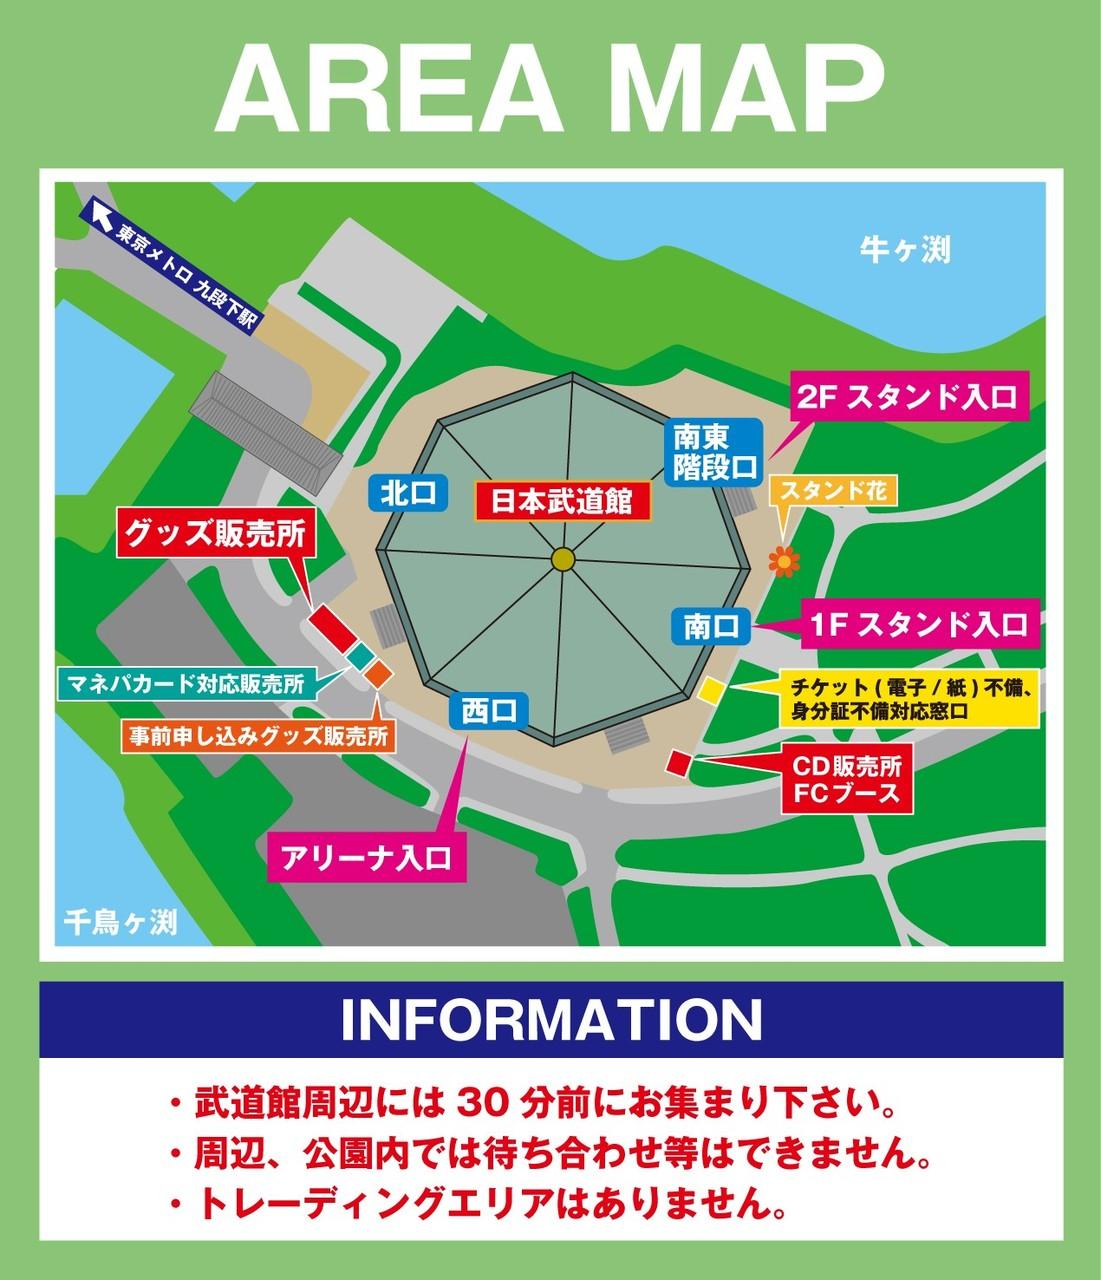 けやき坂46(ひらがなけやき)日本武道館3Days公演に関するご案内